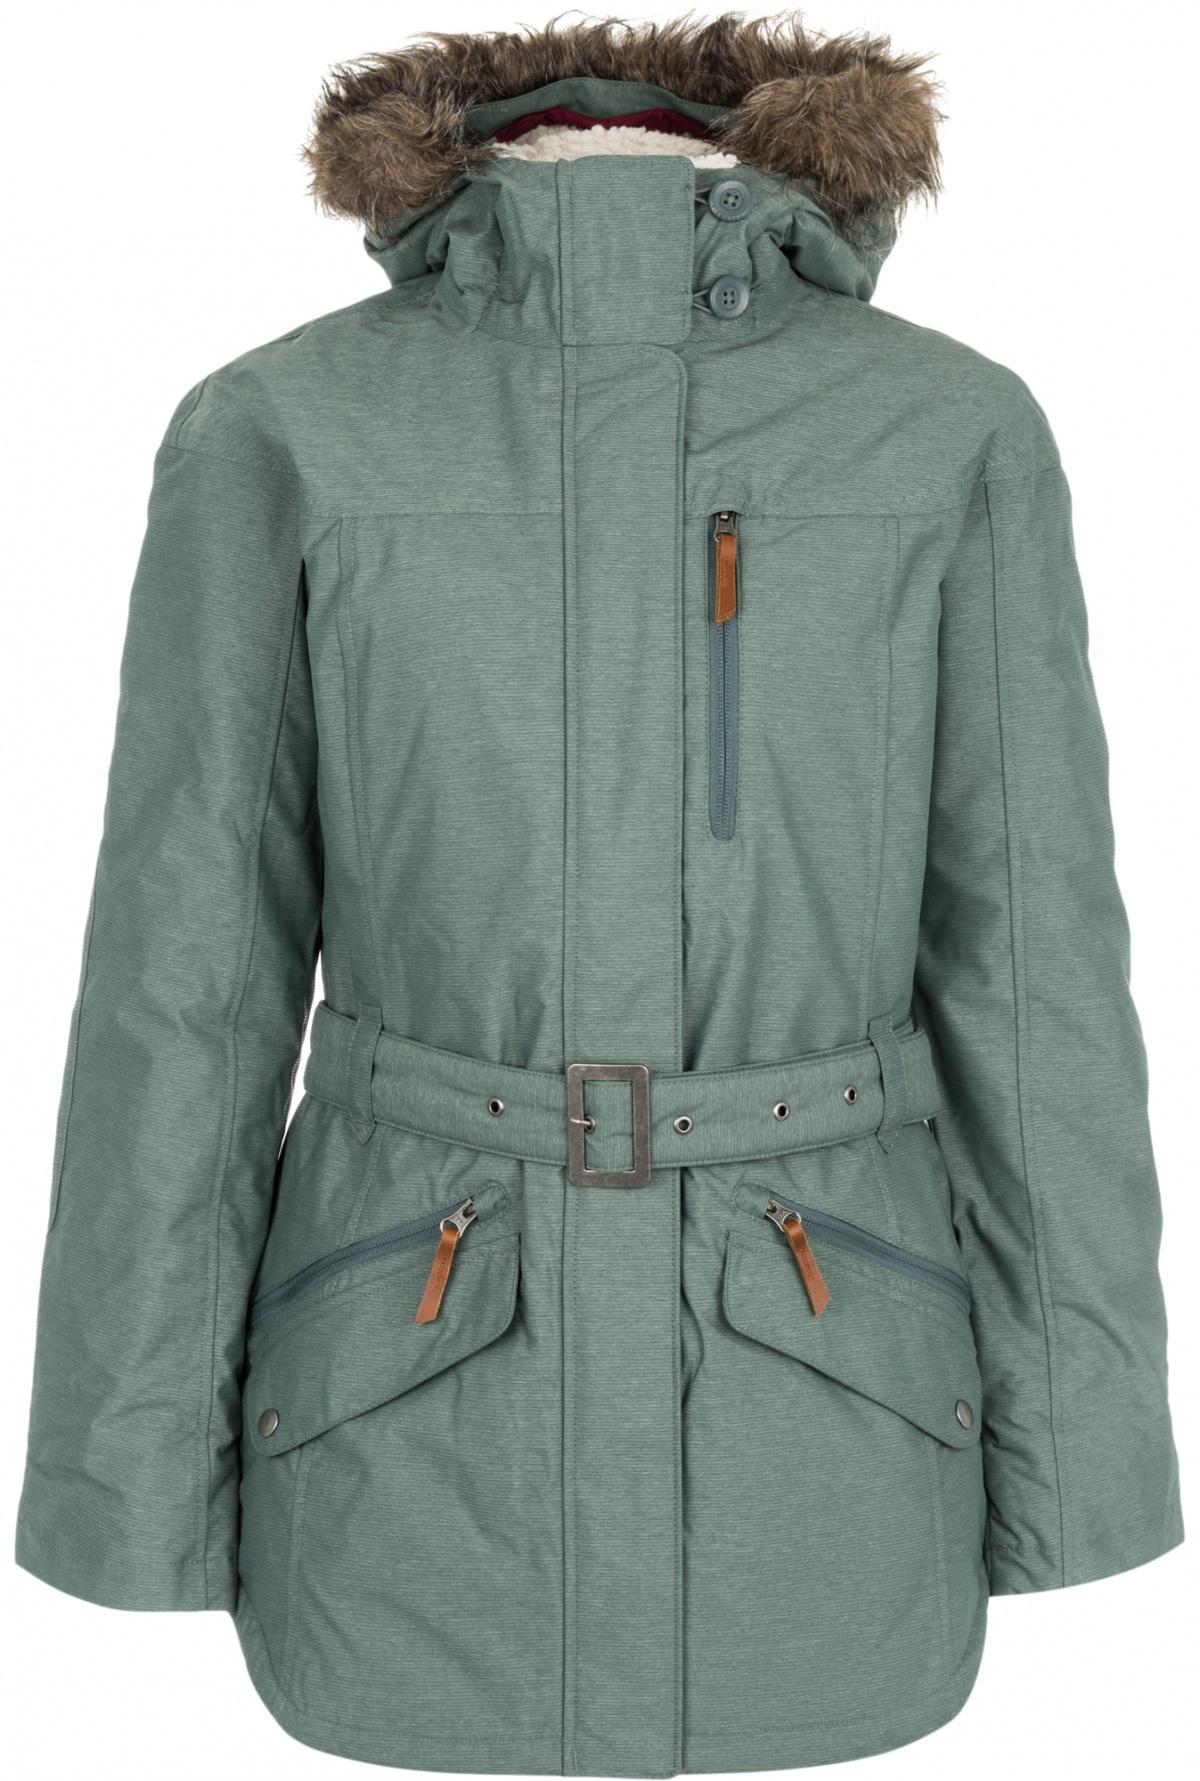 Куртка Carson Pass II 1515501967 Columbia — купить с доставкой в ... f5ab6be0c9a57